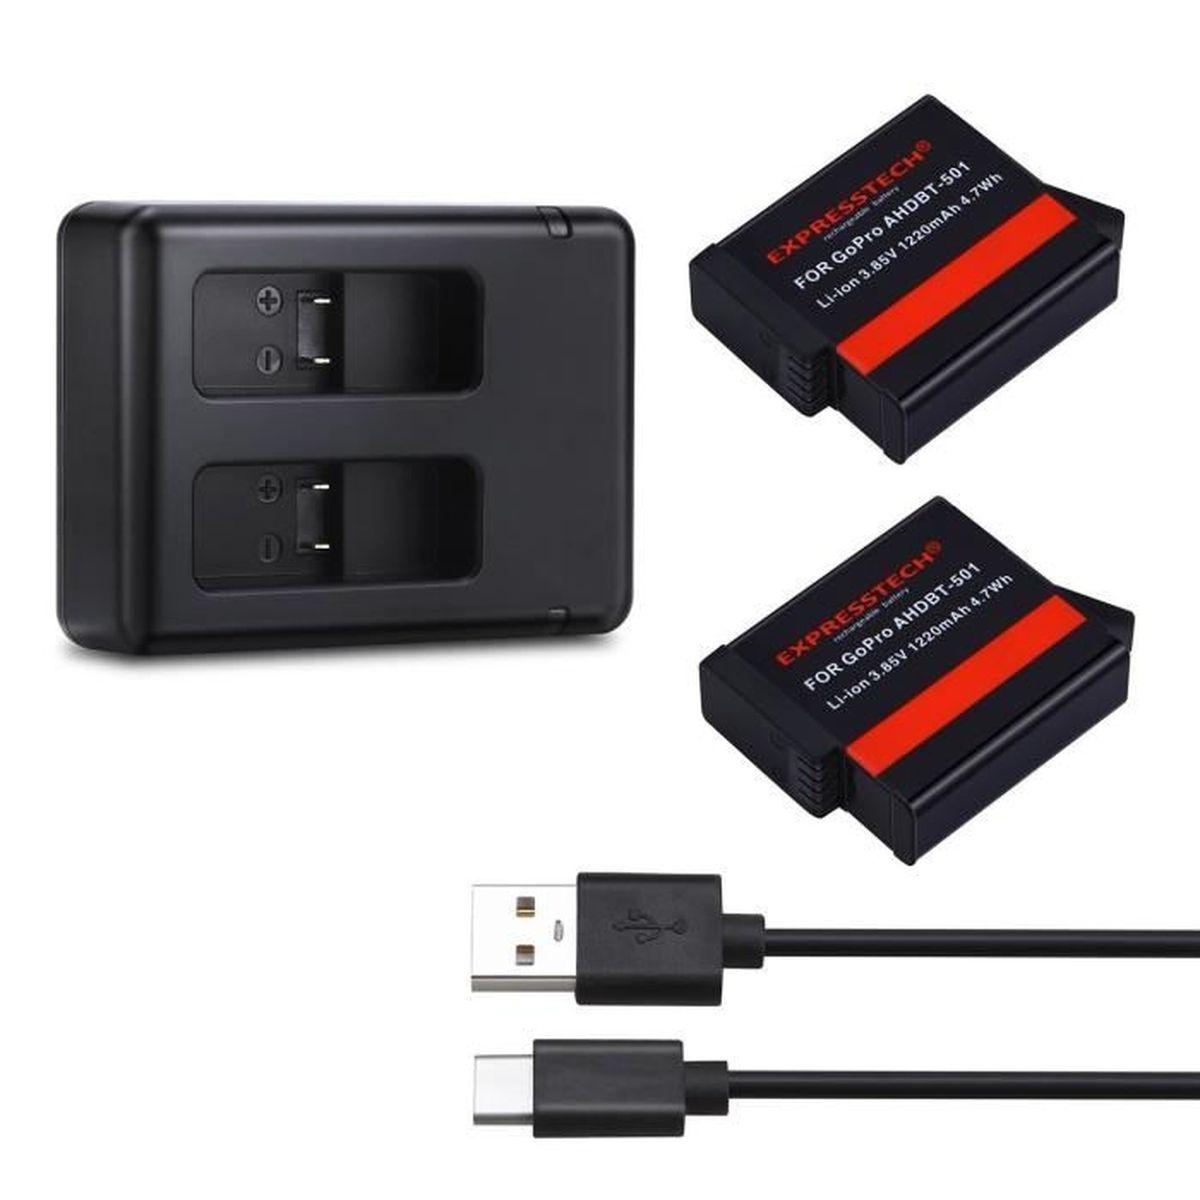 BATTERIE APPAREIL PHOTO Batterie Rechargeable 2PC + Chargeur Double pour g